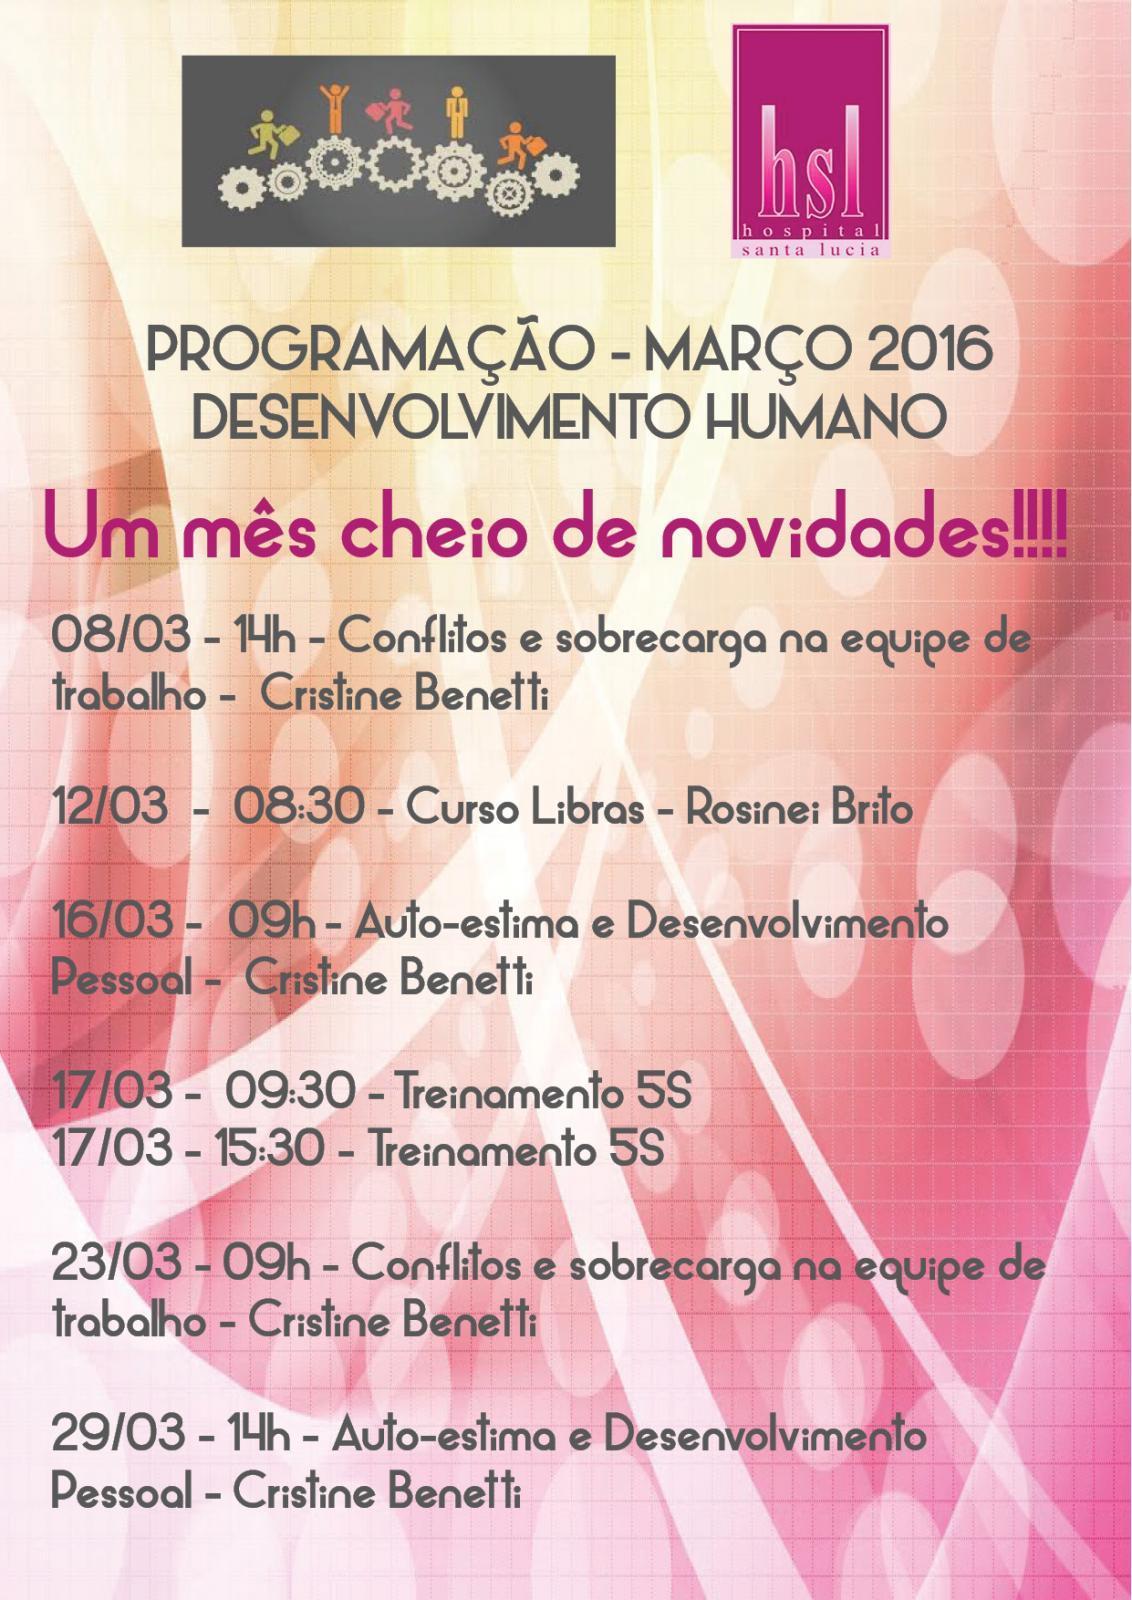 Programação de Março de 2016